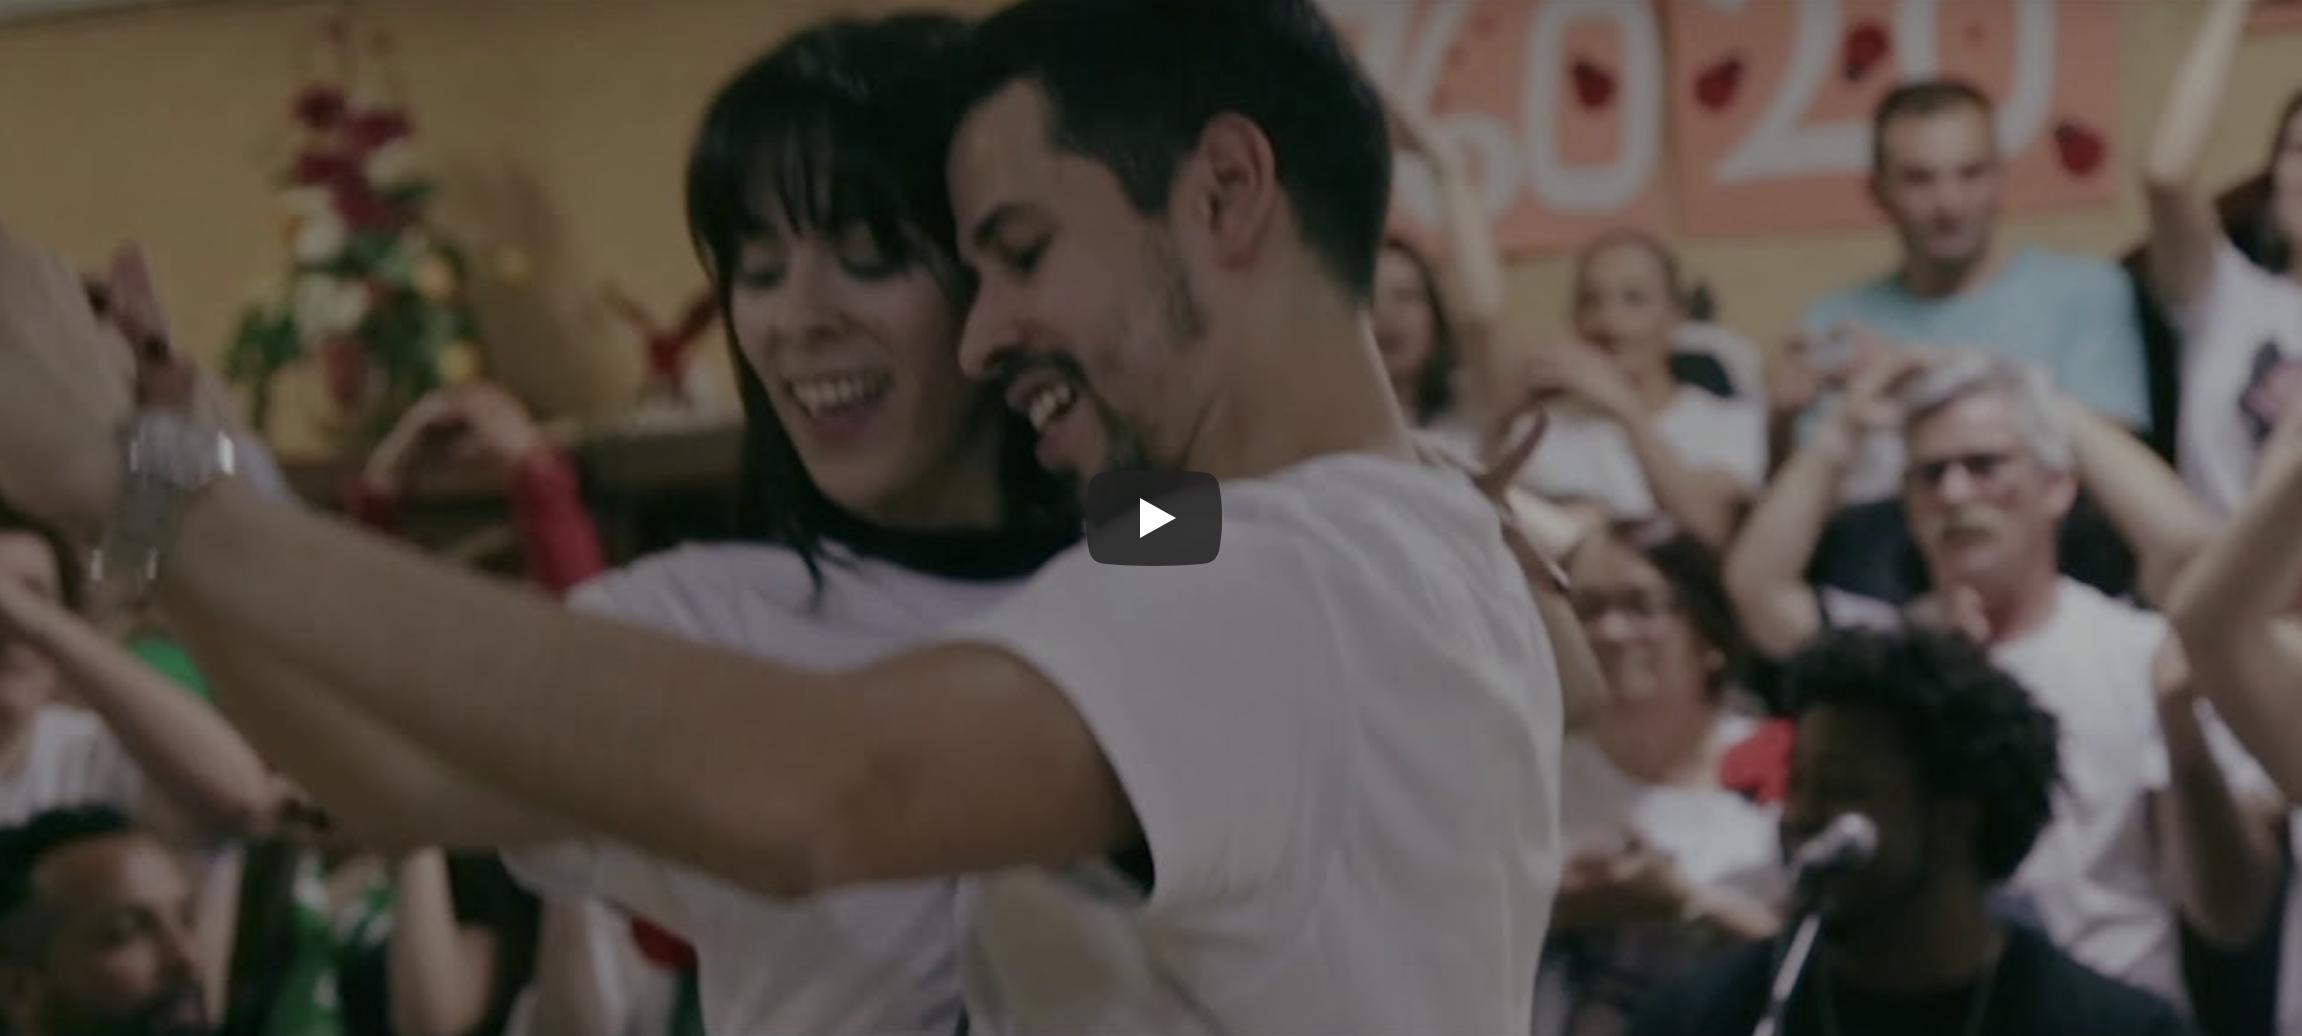 Casa Dos Segredos Joana F Video Apoio «Casa Dos Segredos 7» Joana F. Recebe Apoio Surpreendente